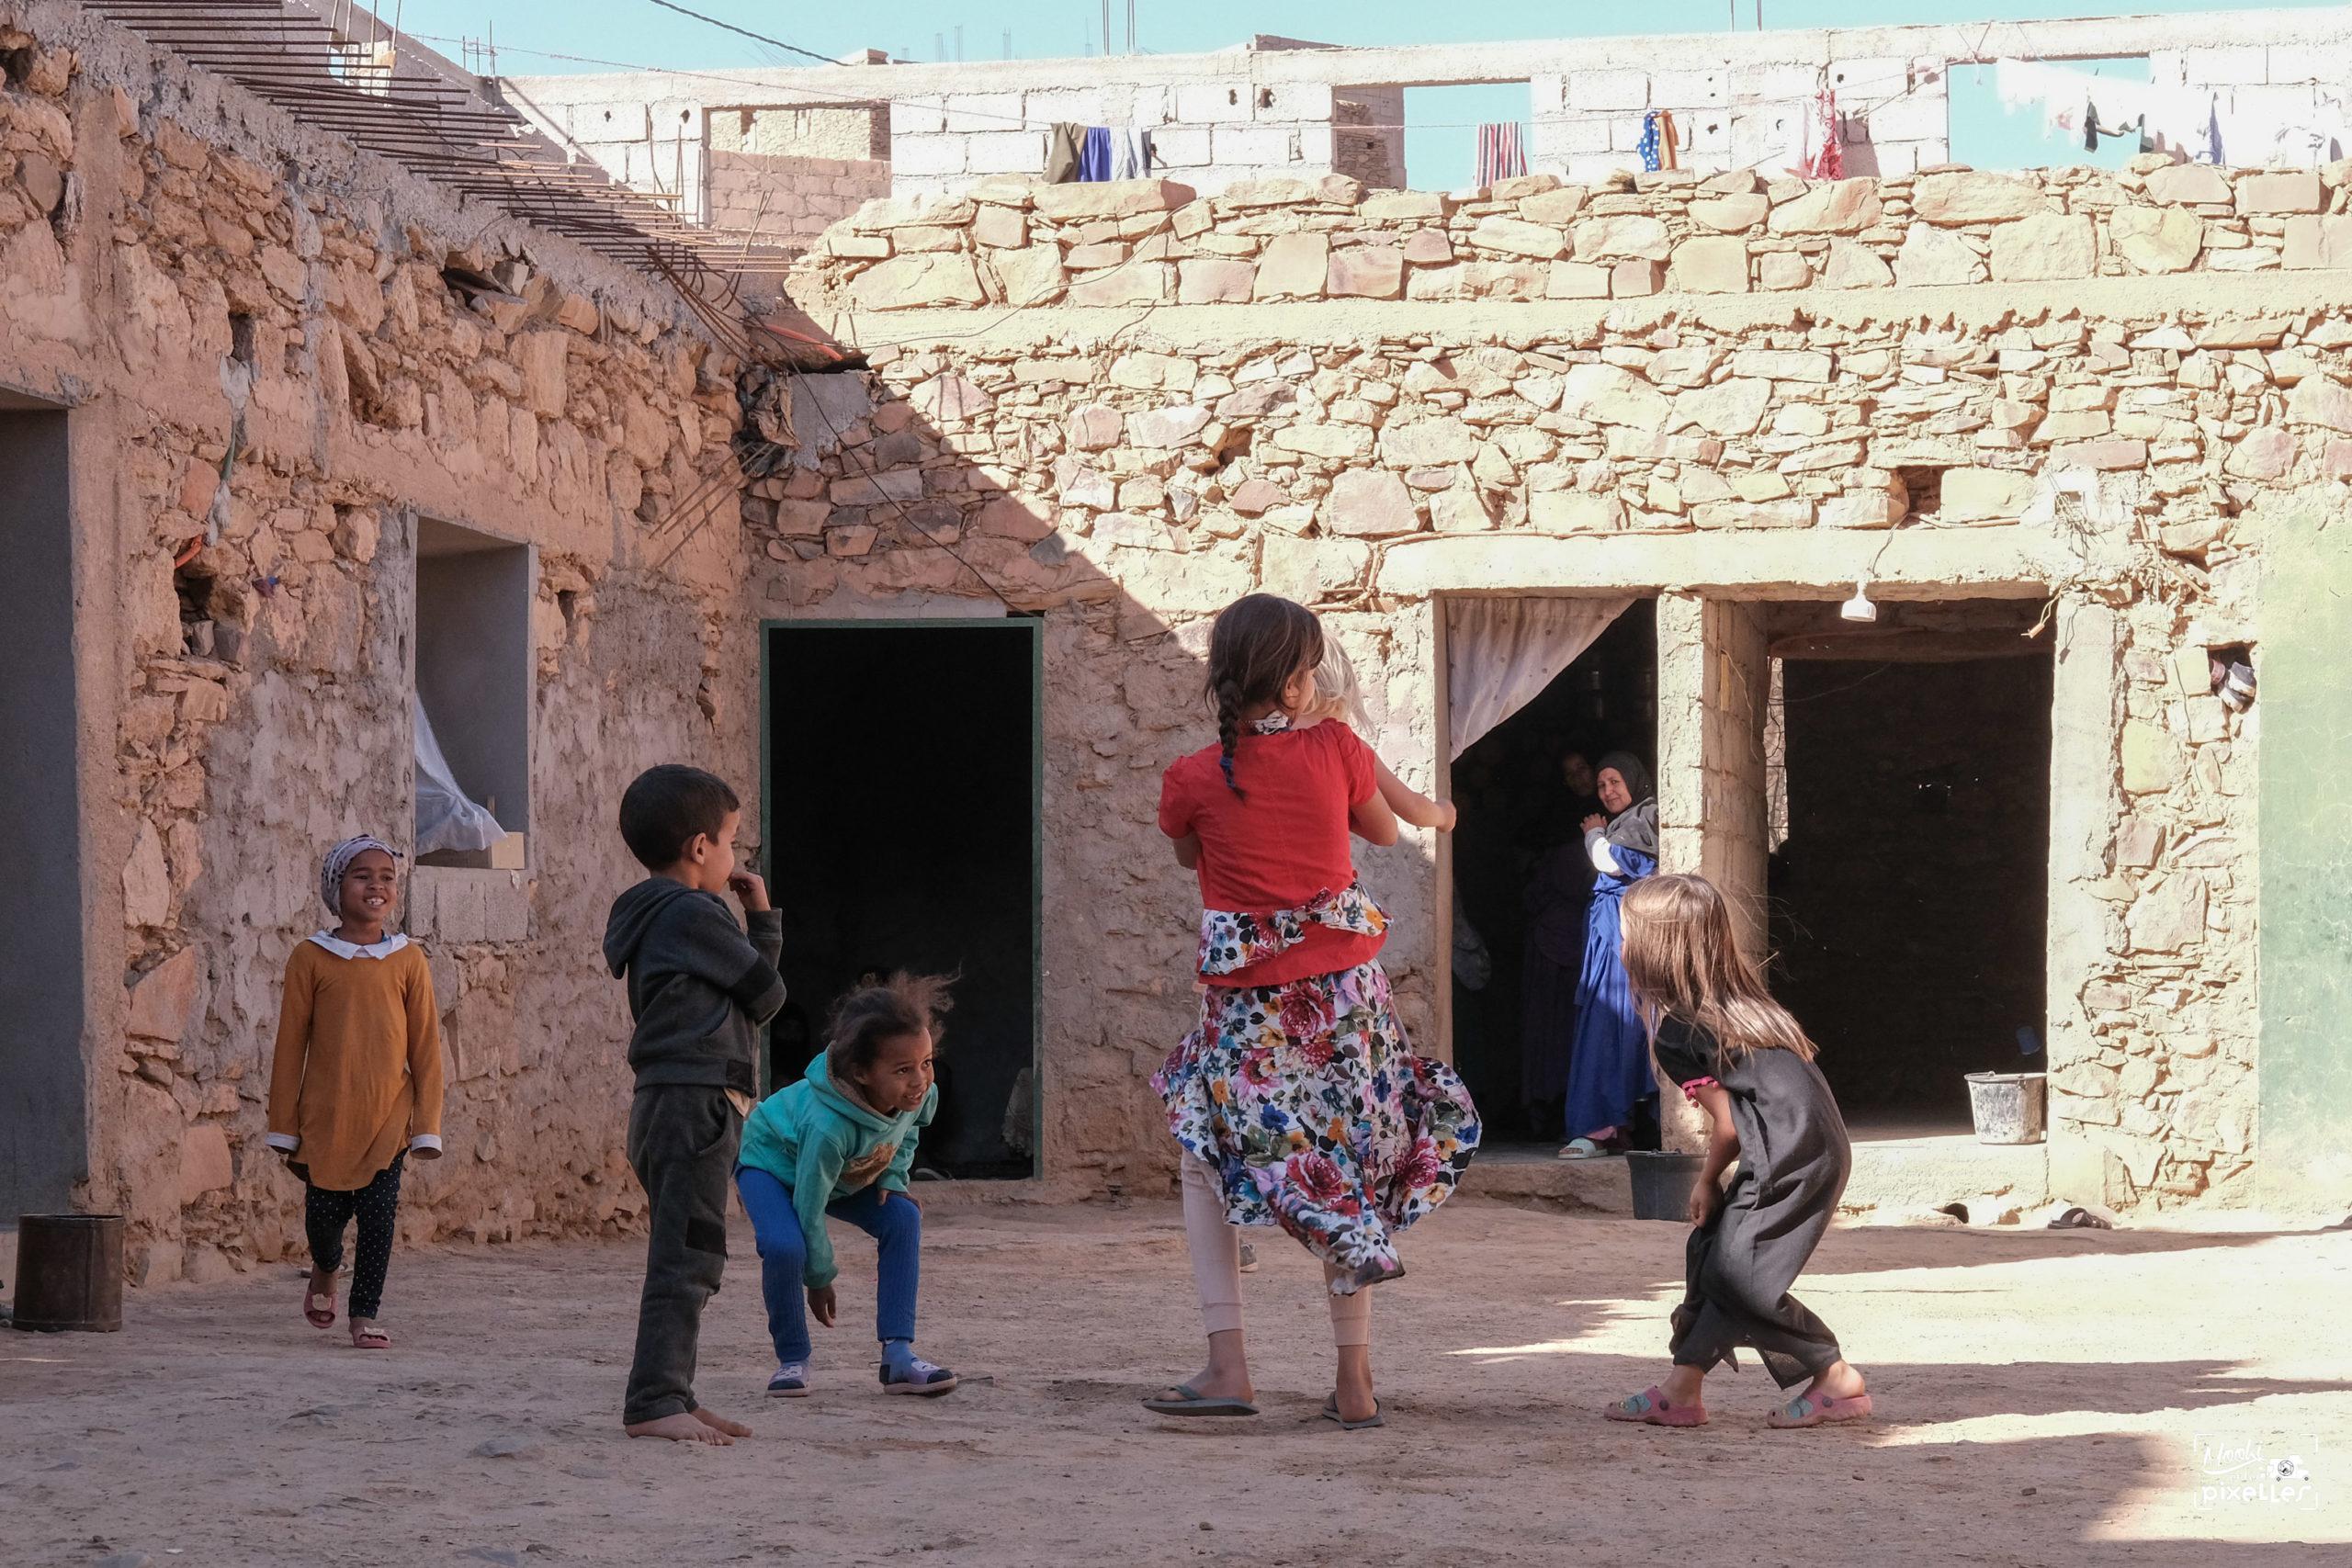 Les enfants jouent tous ensemble au Maroc